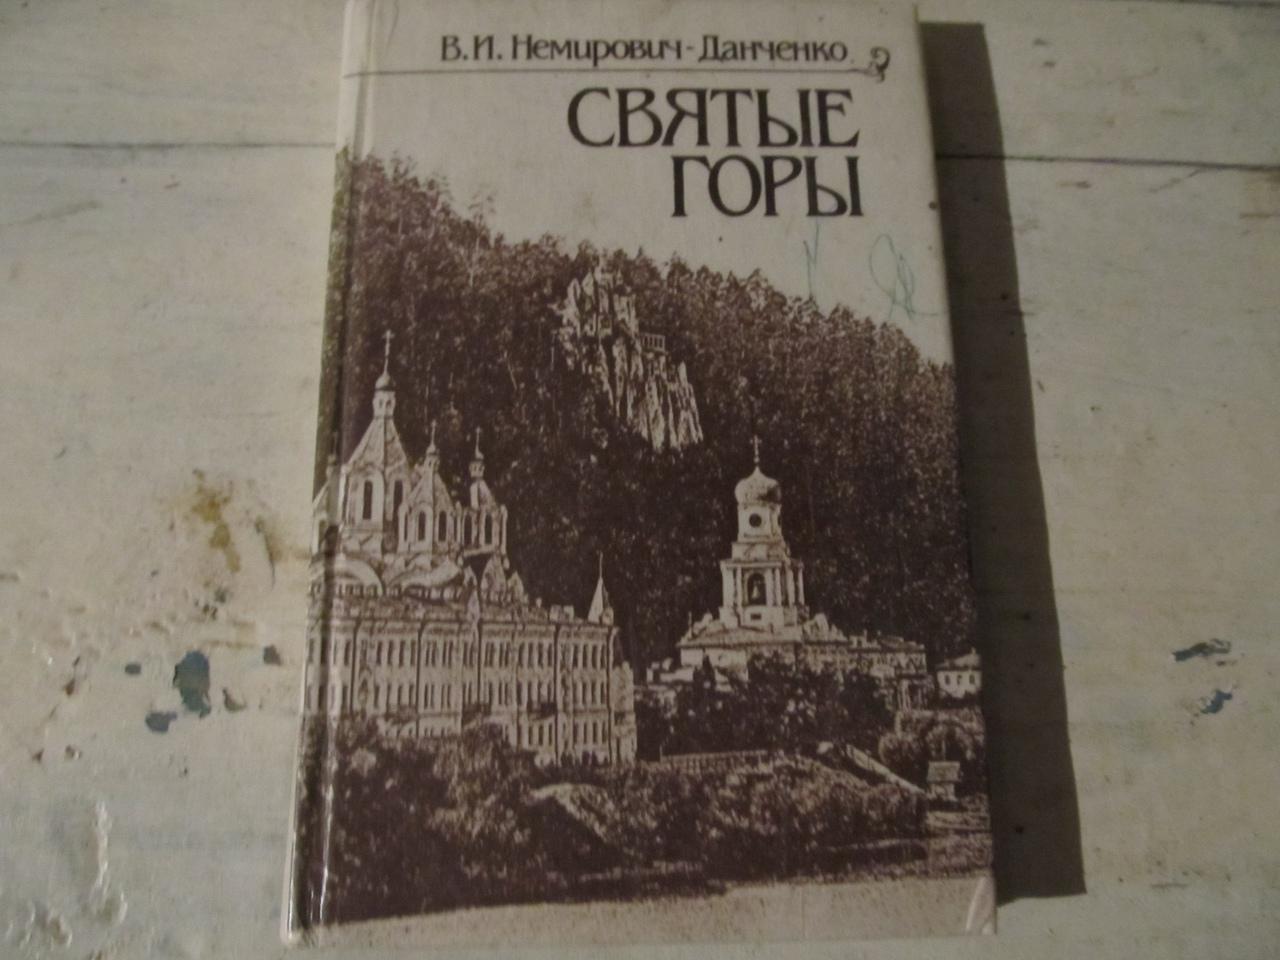 5)Книга «Святые Горы» В. И. Немирович-Данченко.  Цена 25 грн.